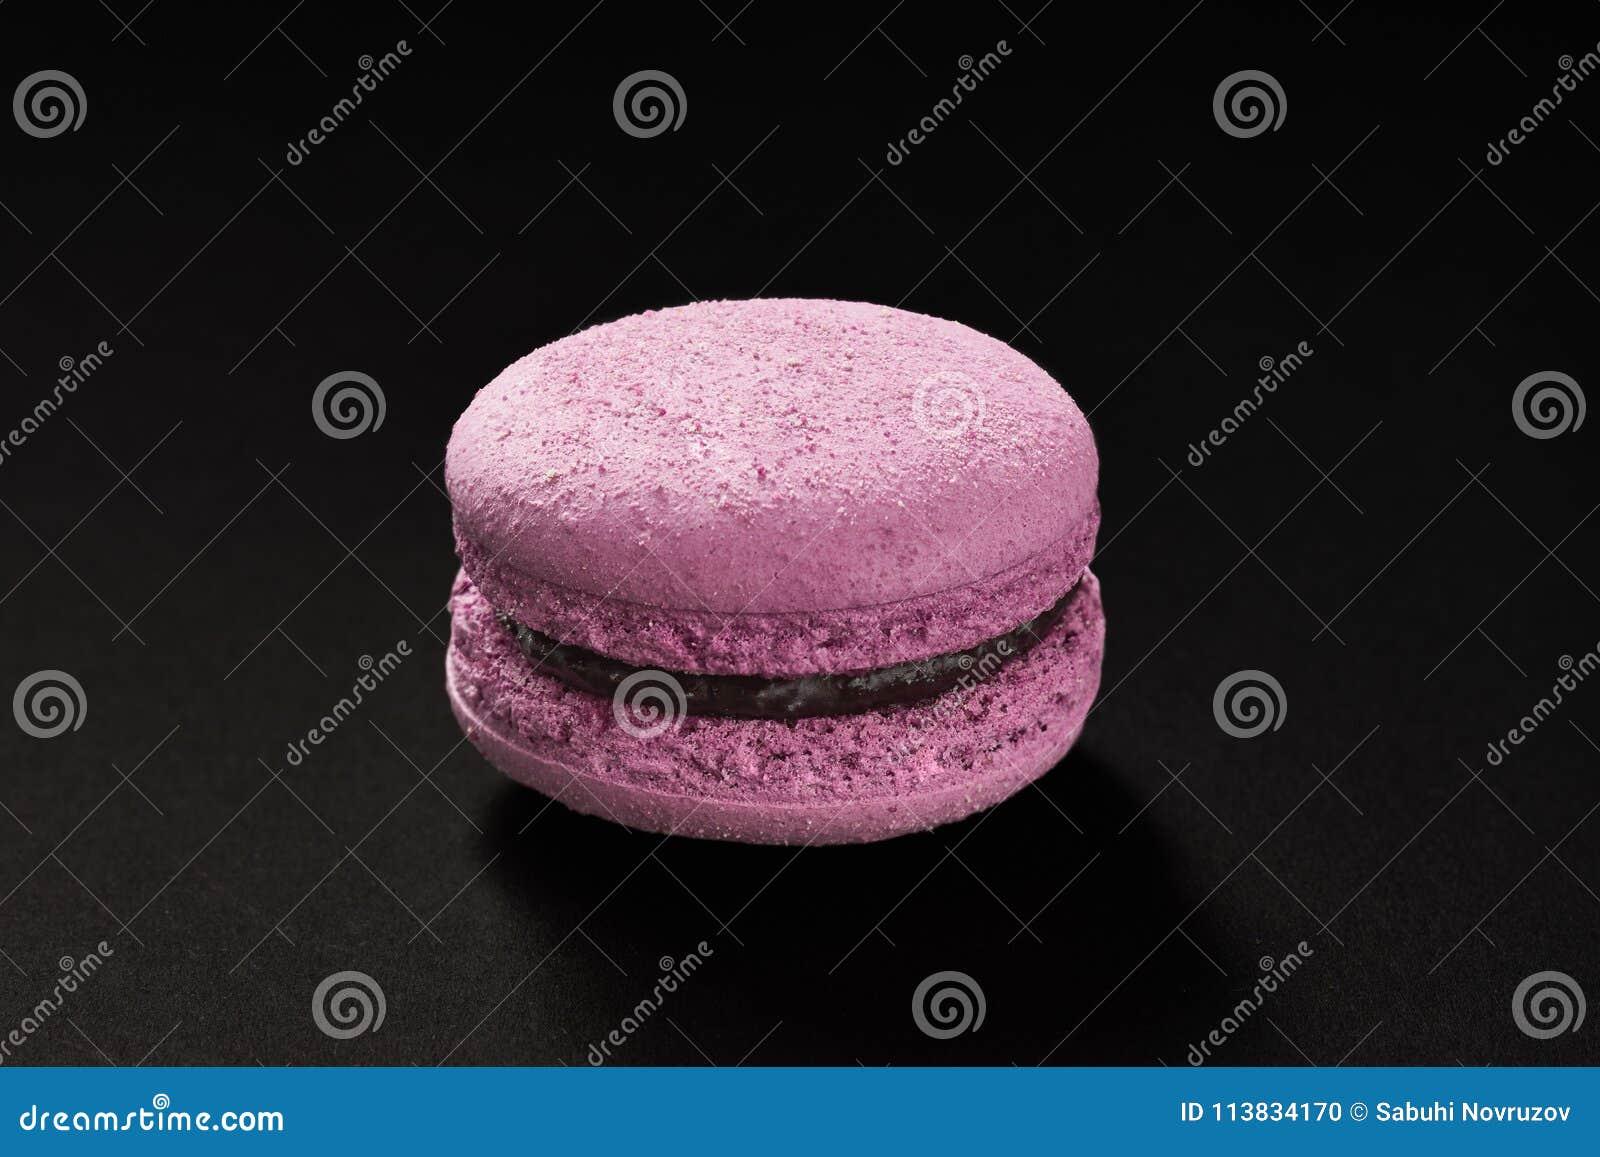 Um bolo da cor da violeta do macarrão Bolinho de amêndoa delicioso do corinto isolado no fundo preto Cookie doce francesa